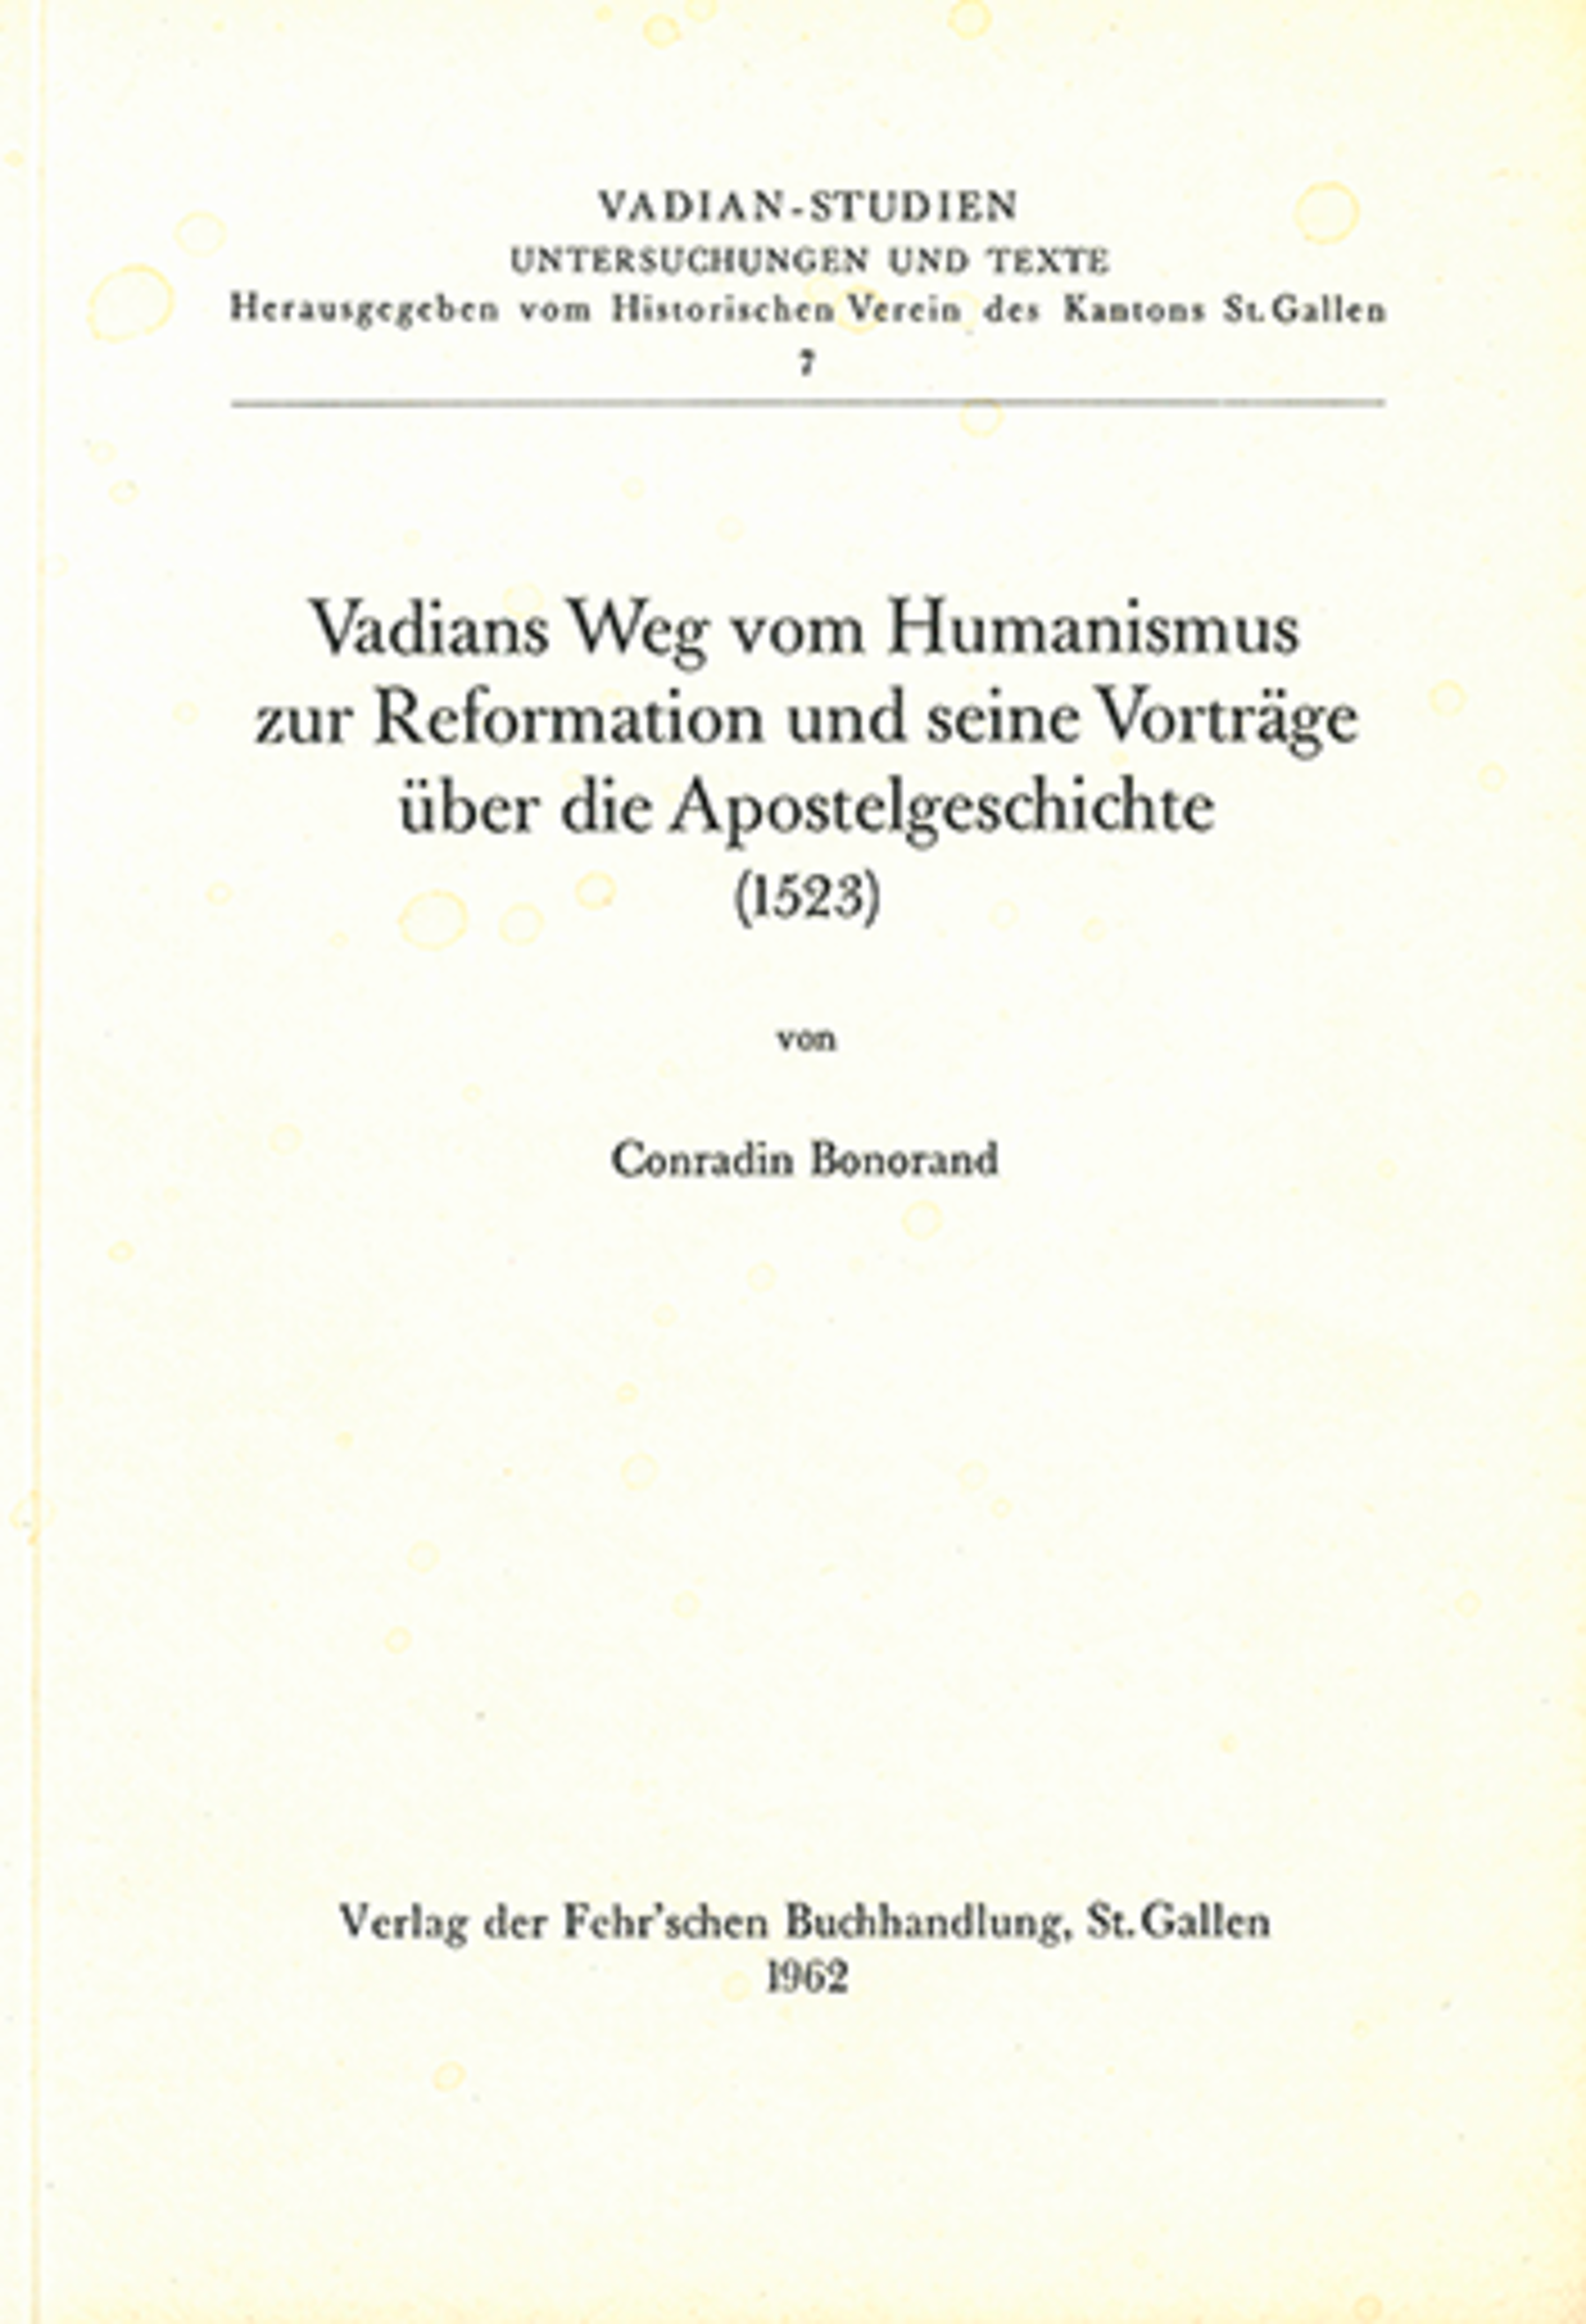 Vadians Weg vom Humanismus <p><p>zur Reformation und seine Vorträge über die Apo